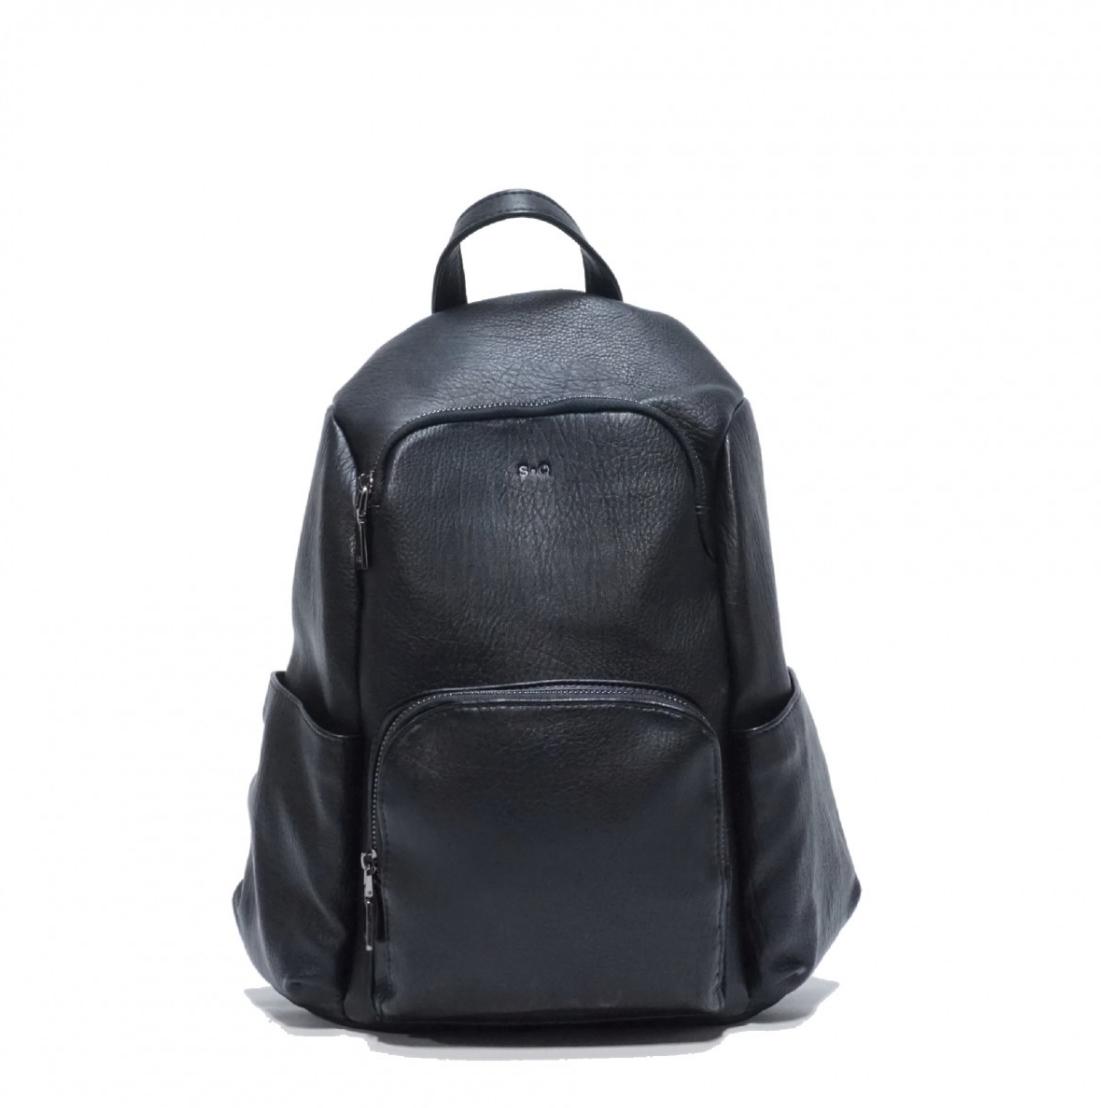 Gemma Black backpack